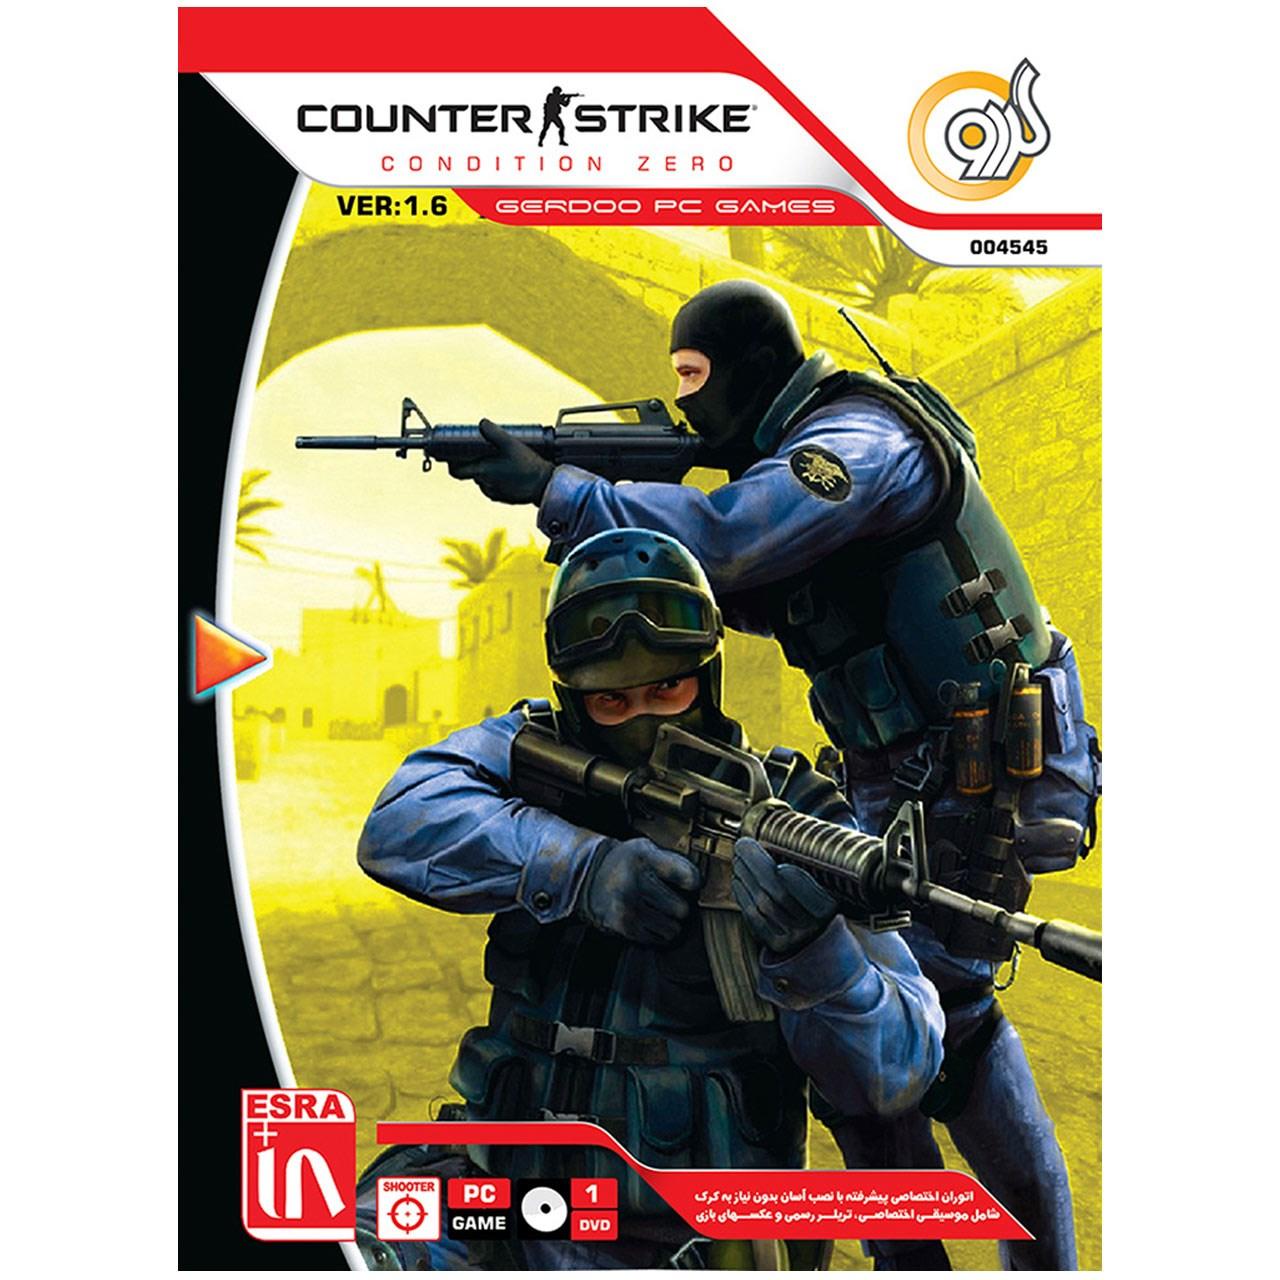 بازی Counter Strik 1.6 Condition Zero Asli مخصوص PC